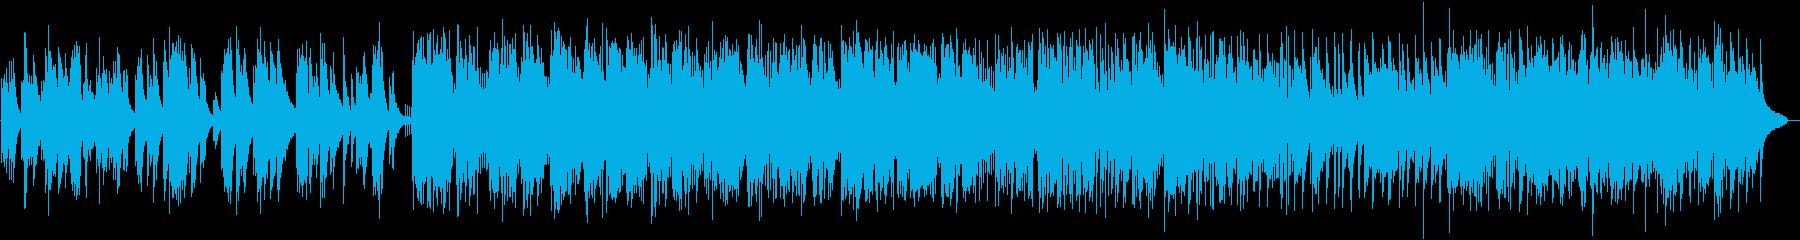 ピアノトリオによるジャズスタンダードの再生済みの波形